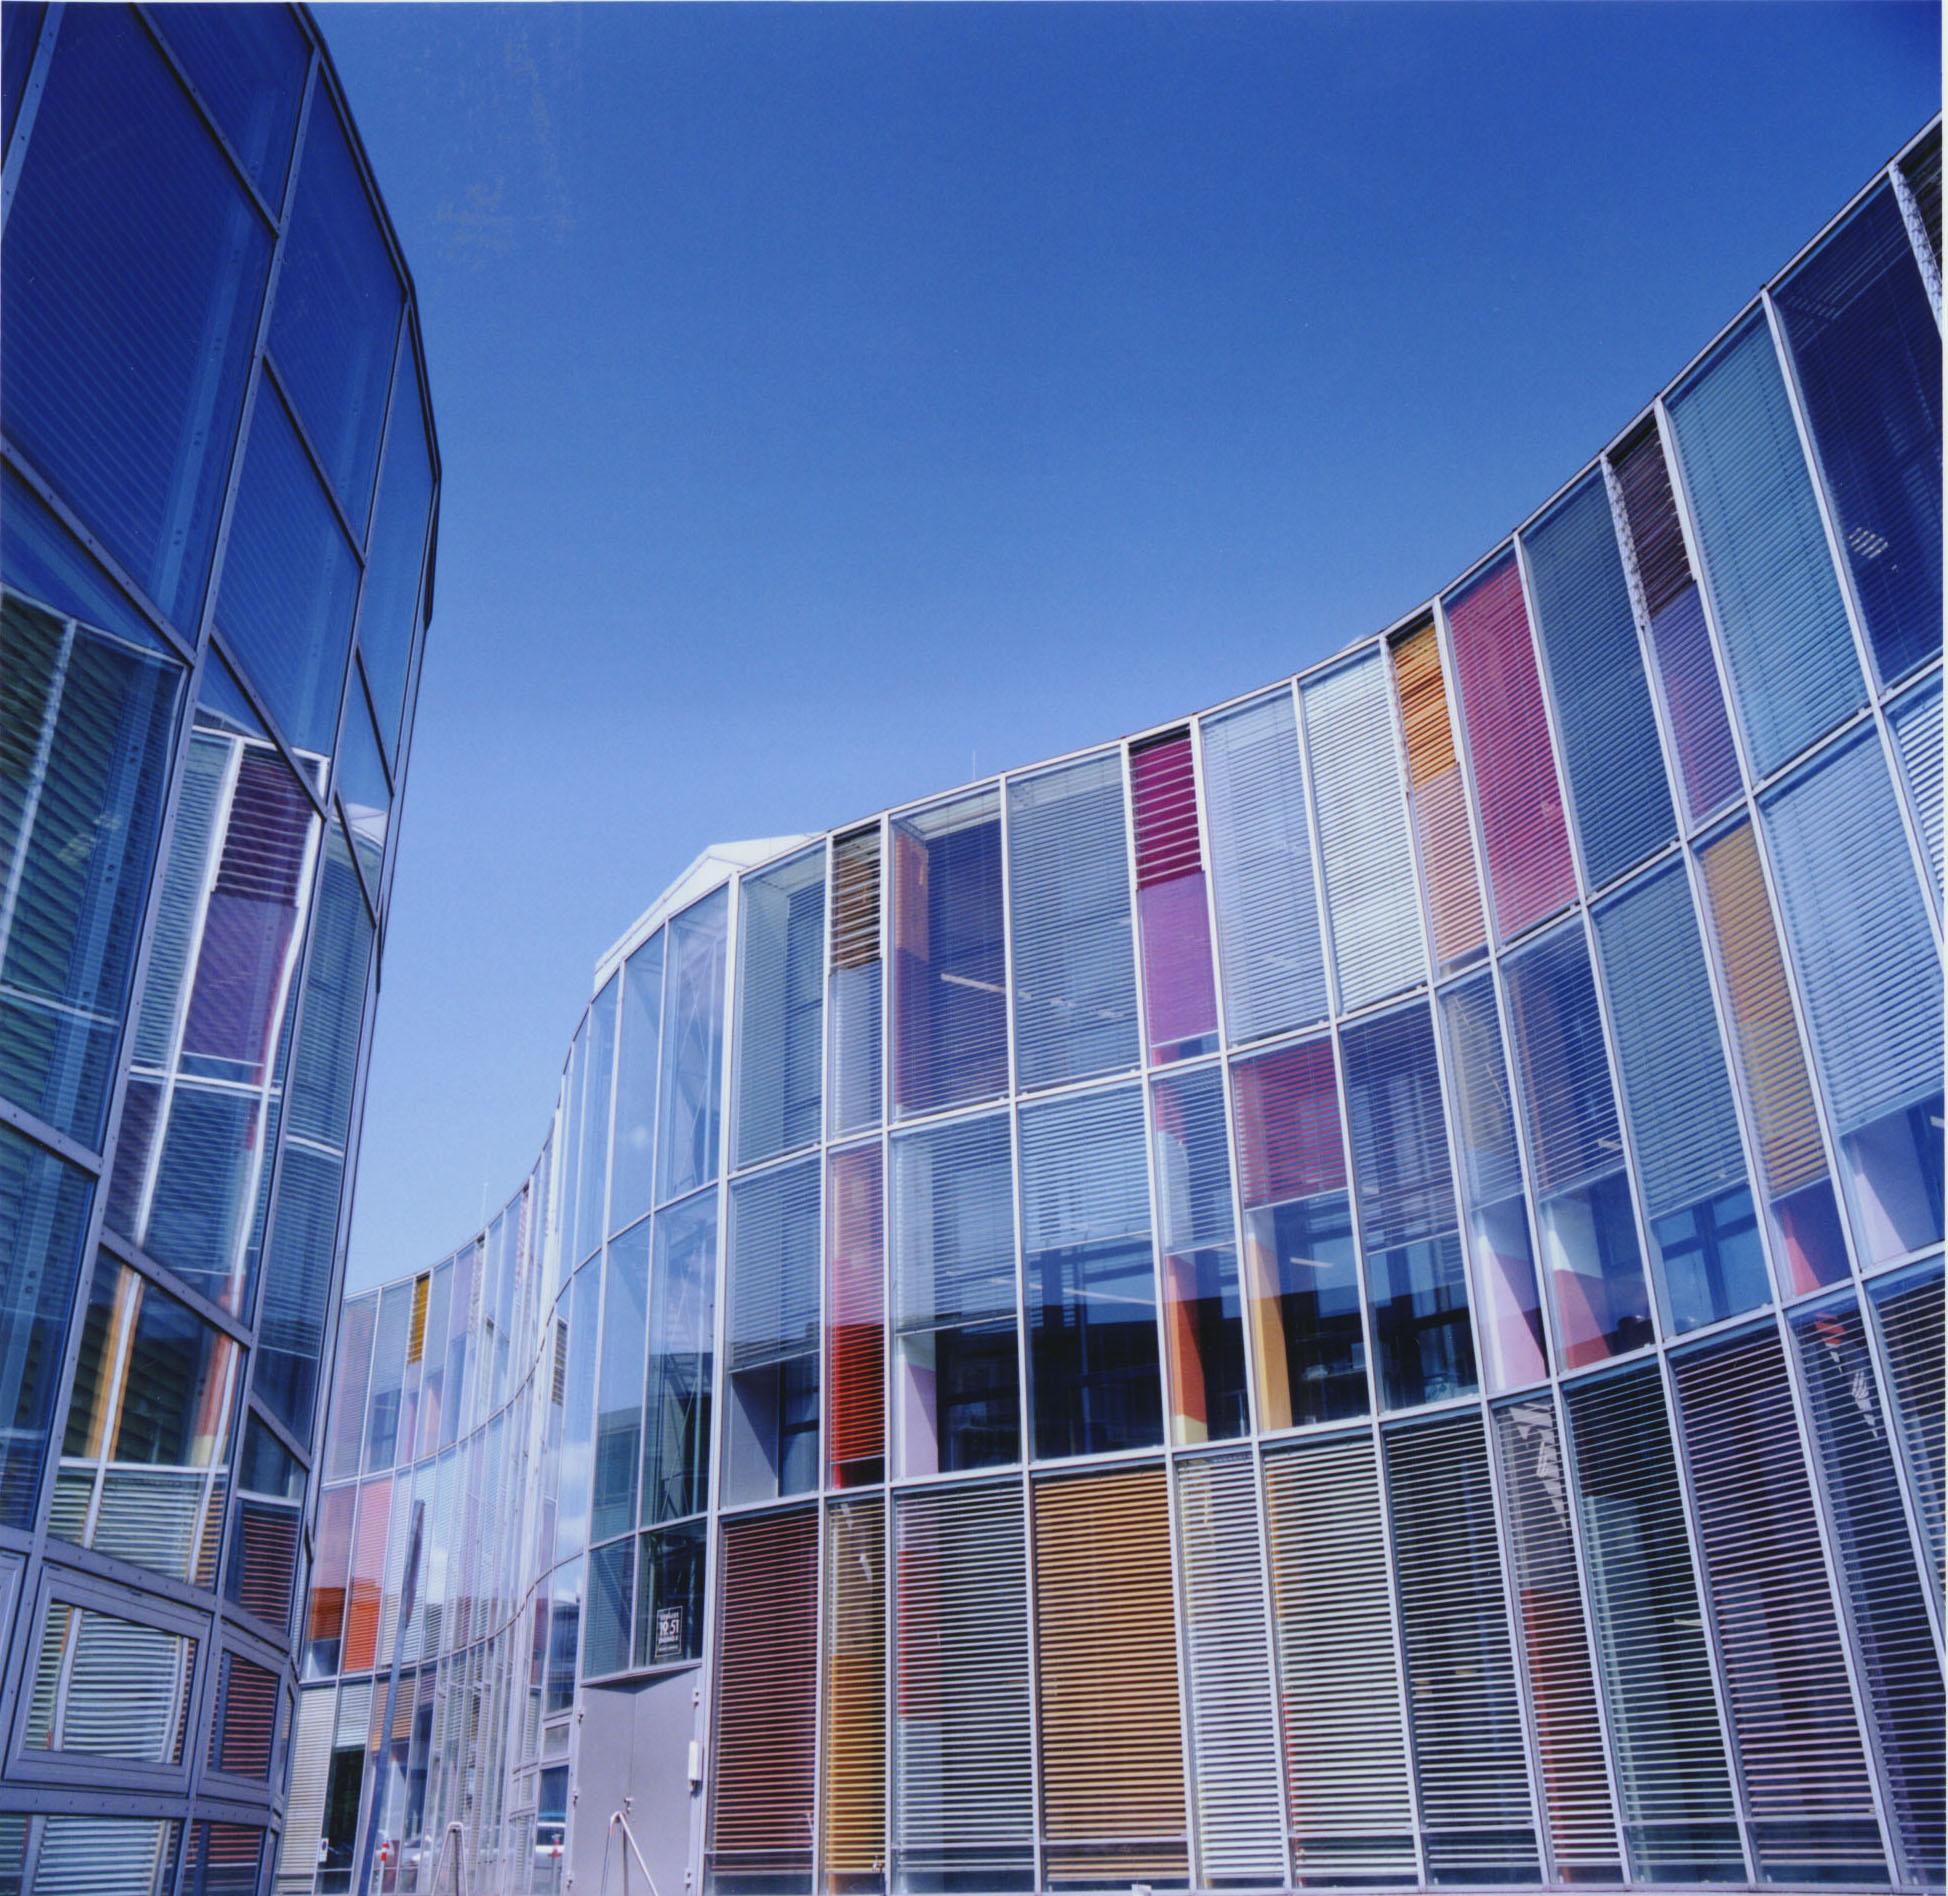 photonik optik forschung firmen berlin adlershof